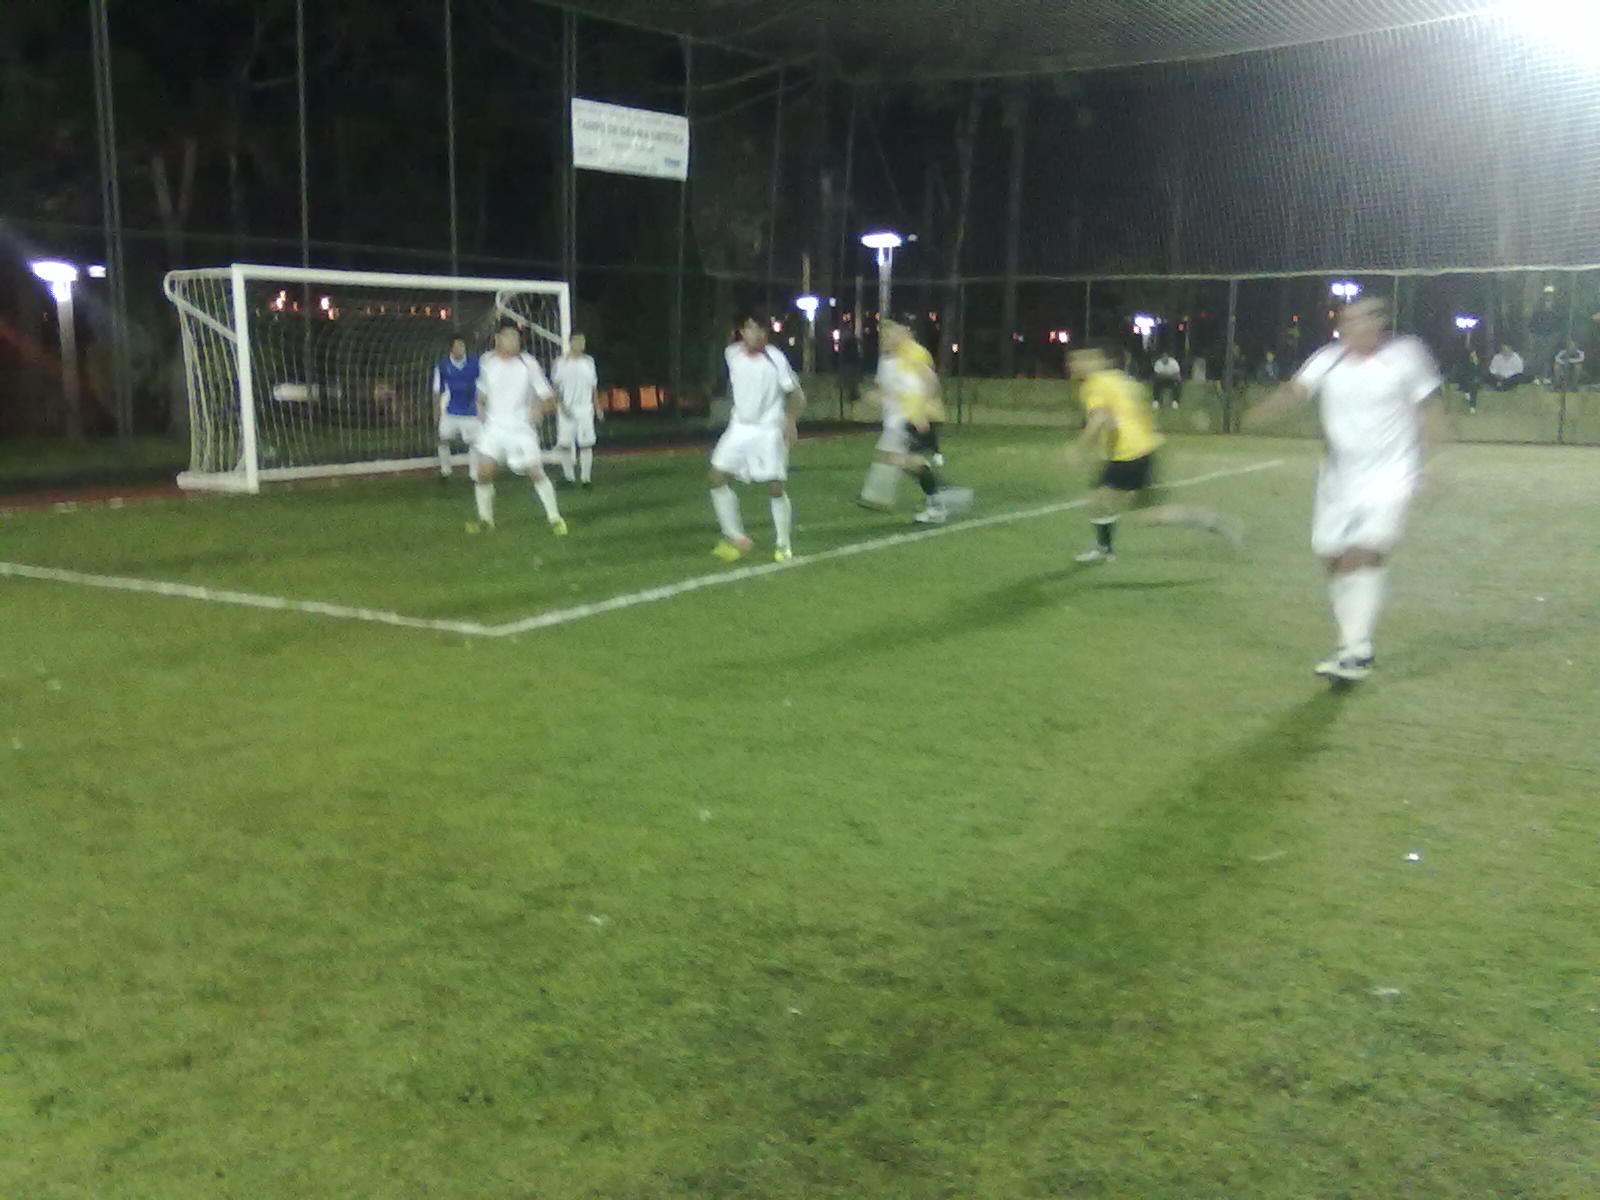 Nesta segunda feira (7 11) na Cancha de Futebol Society Lucio Solak na  Praça dos Pinheiros teve início a segunda fase da Copa TB de Futebol 7 com  jogos da ... 4ac3f50dfdc4c